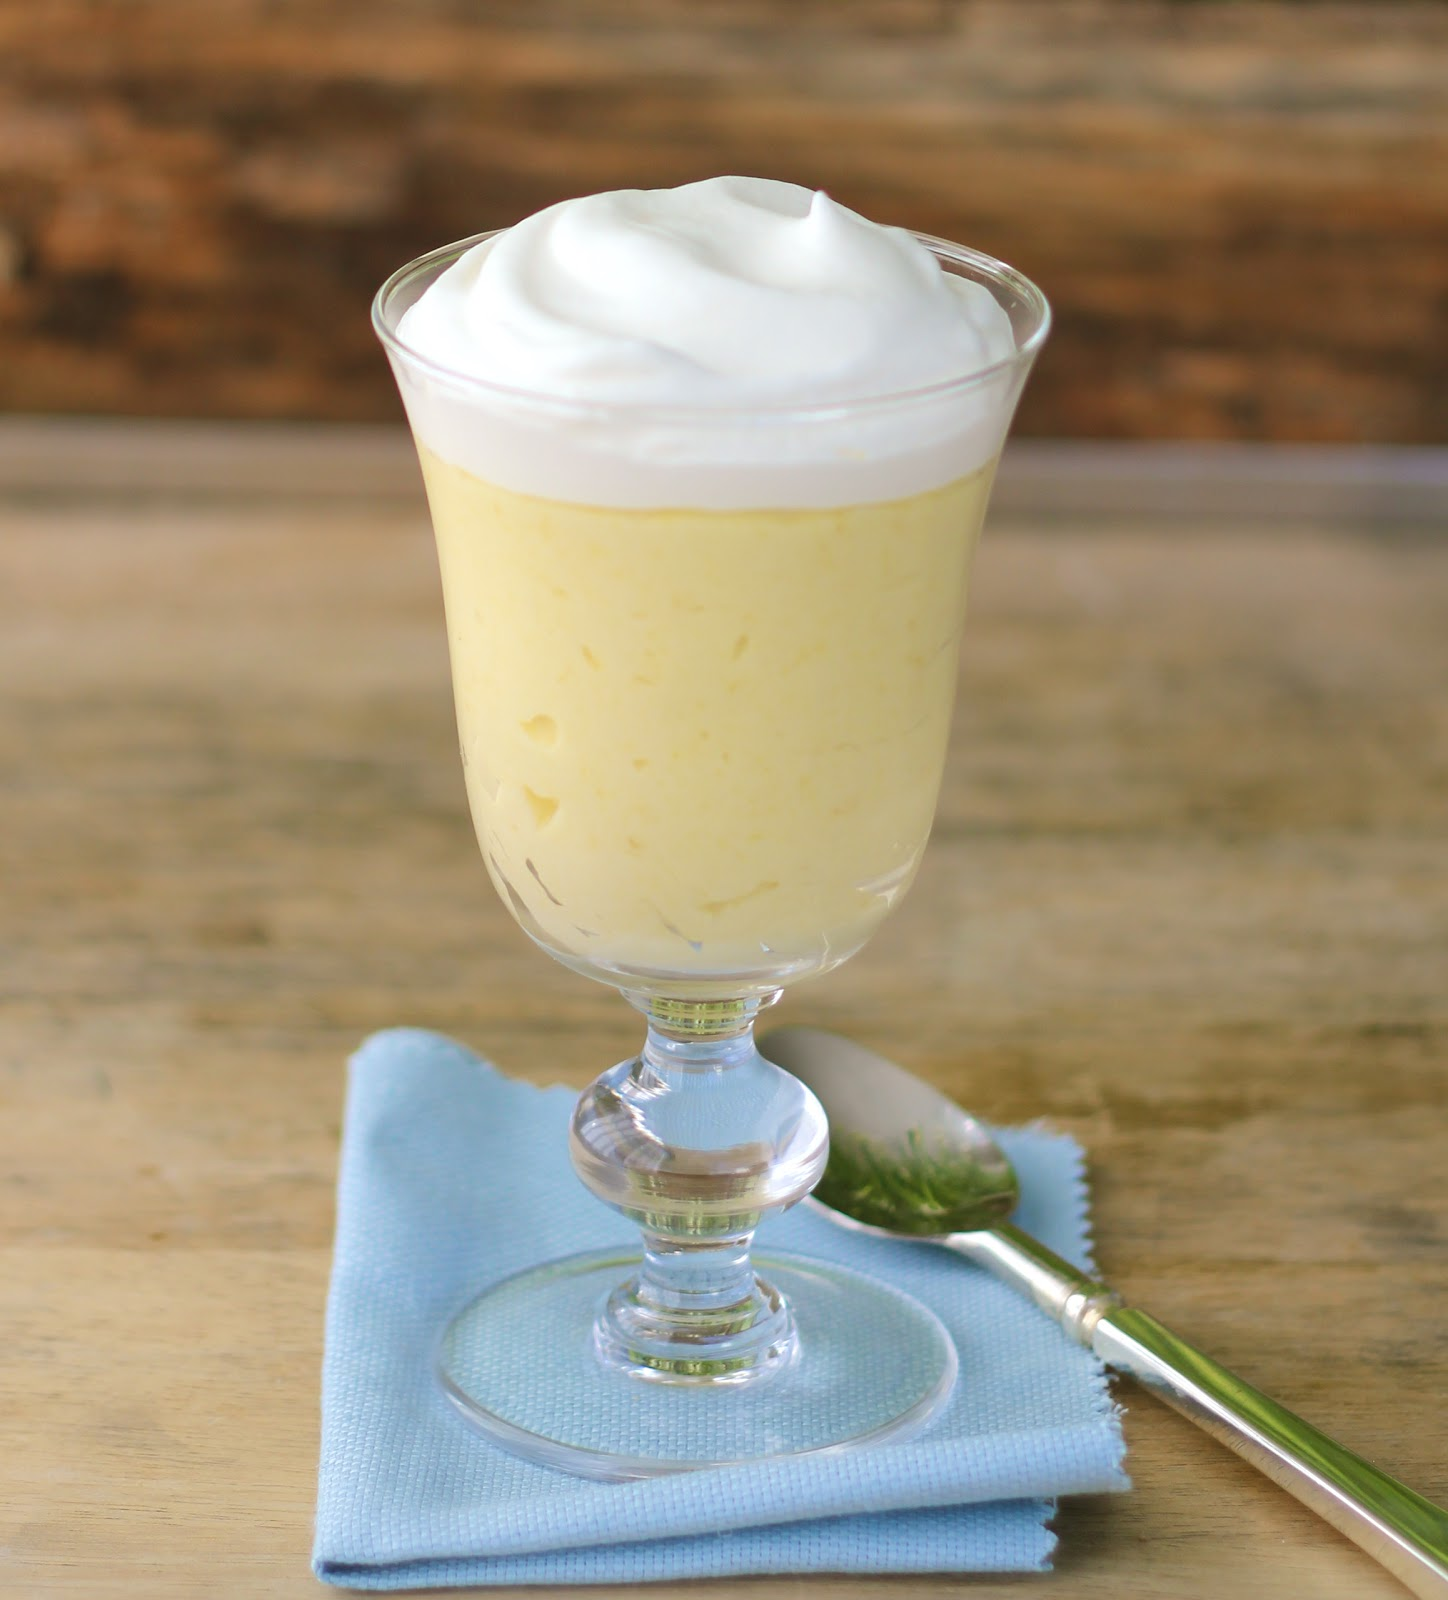 лимонный мусс рецепт с фото пошагово сша поясняет, что